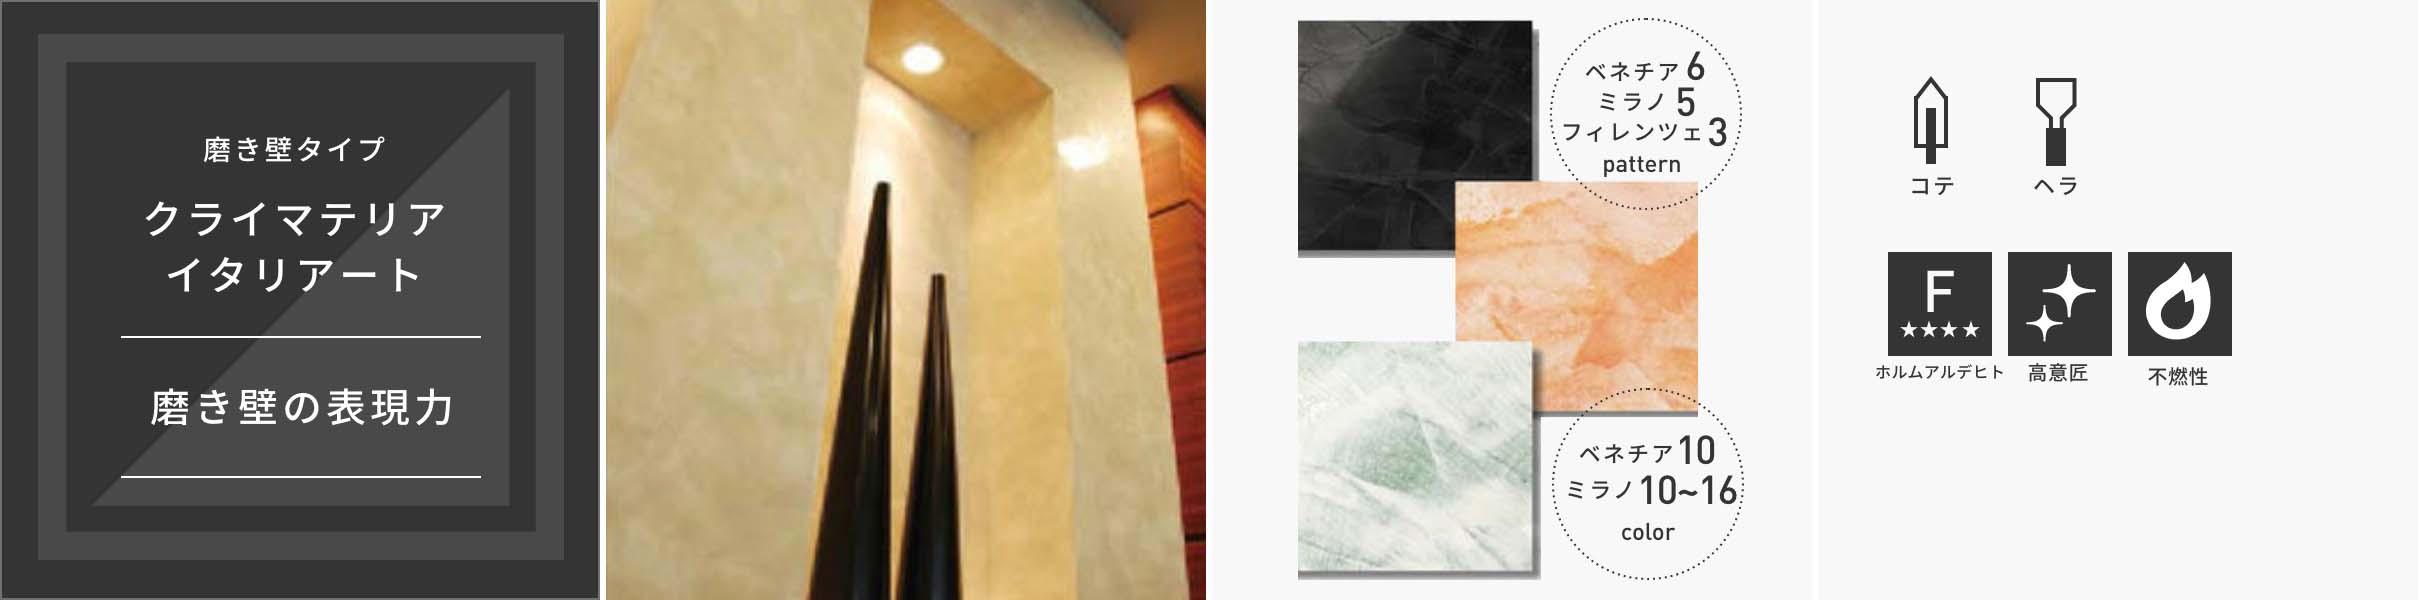 磨き壁タイプ クライマテリアイタリアート 磨き壁の表現力